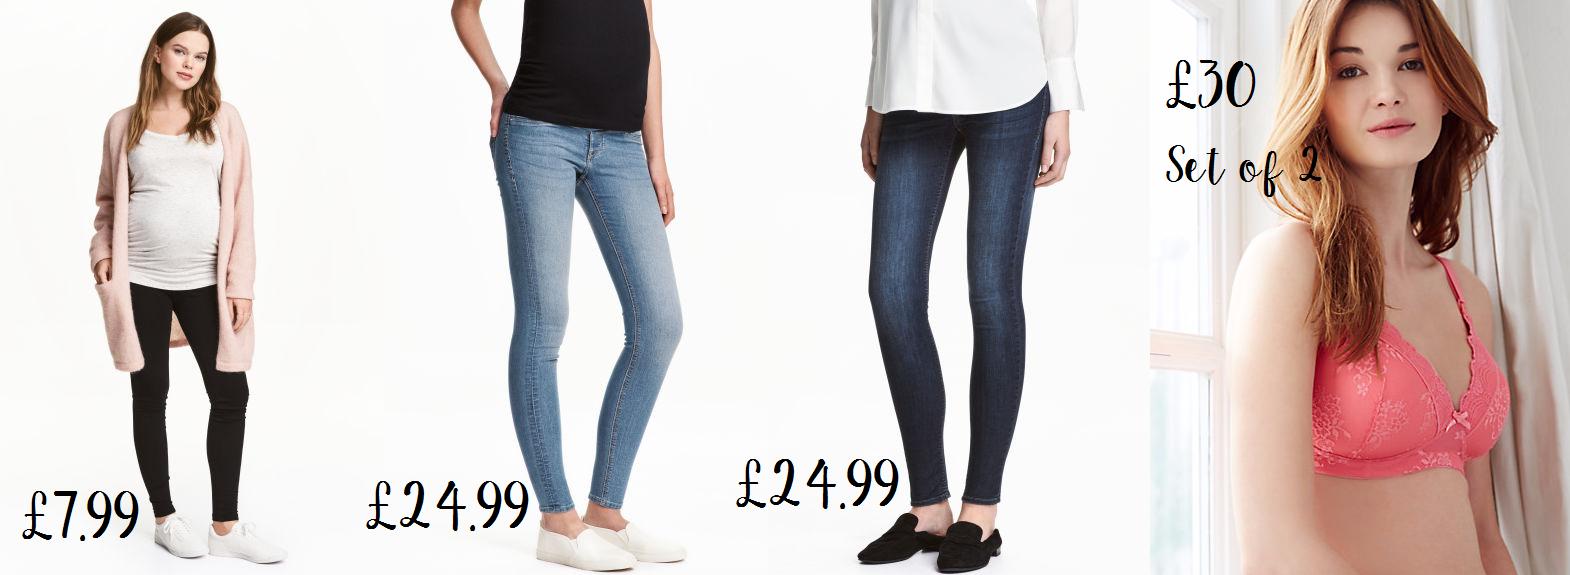 My Pregnancy Essentials | Clothes | Love, Maisie